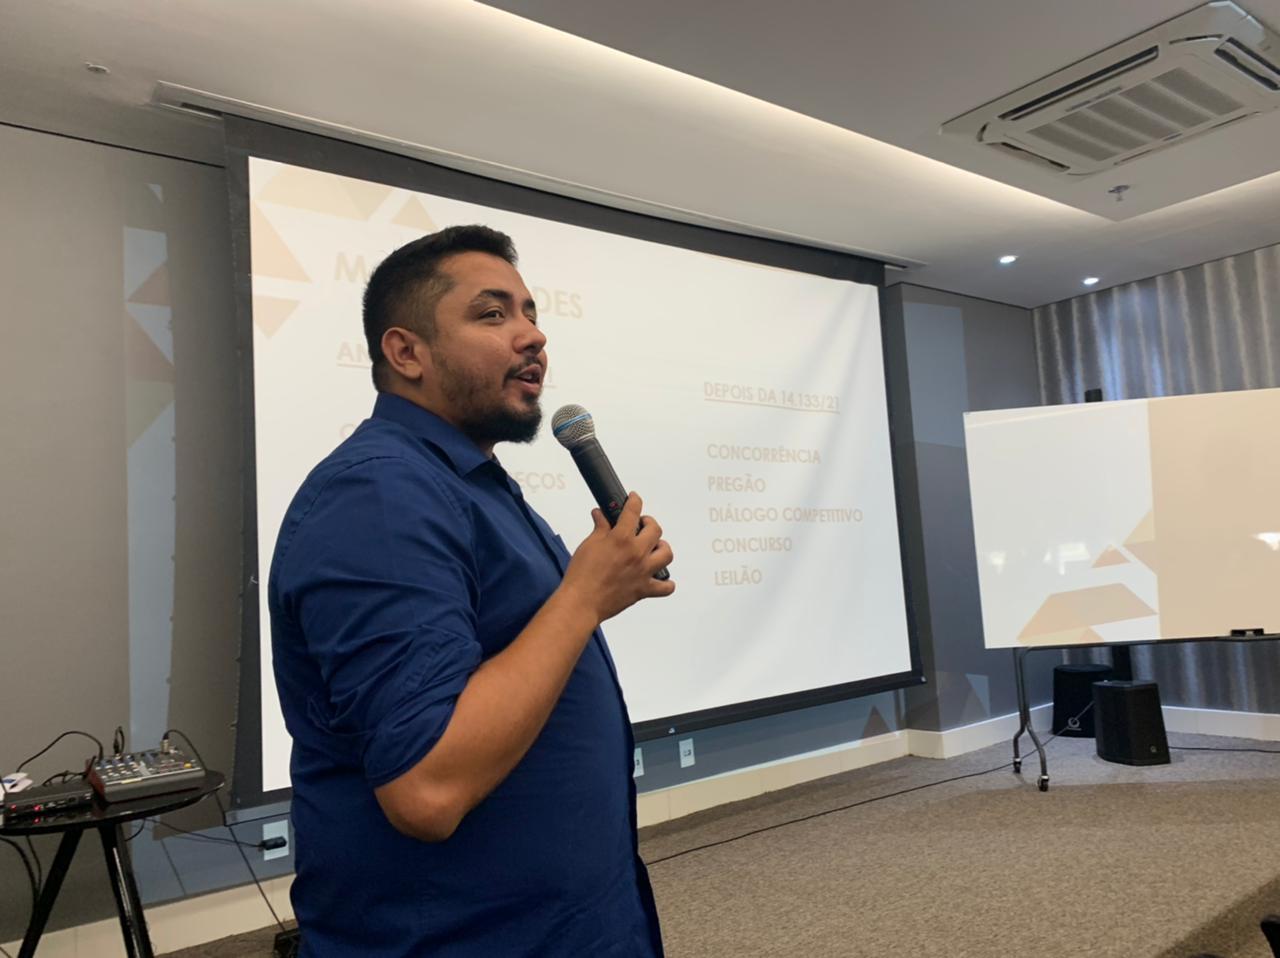 Palestra abordou aspectos do pregão eletrônico para empresários   FOTO: Divulgação